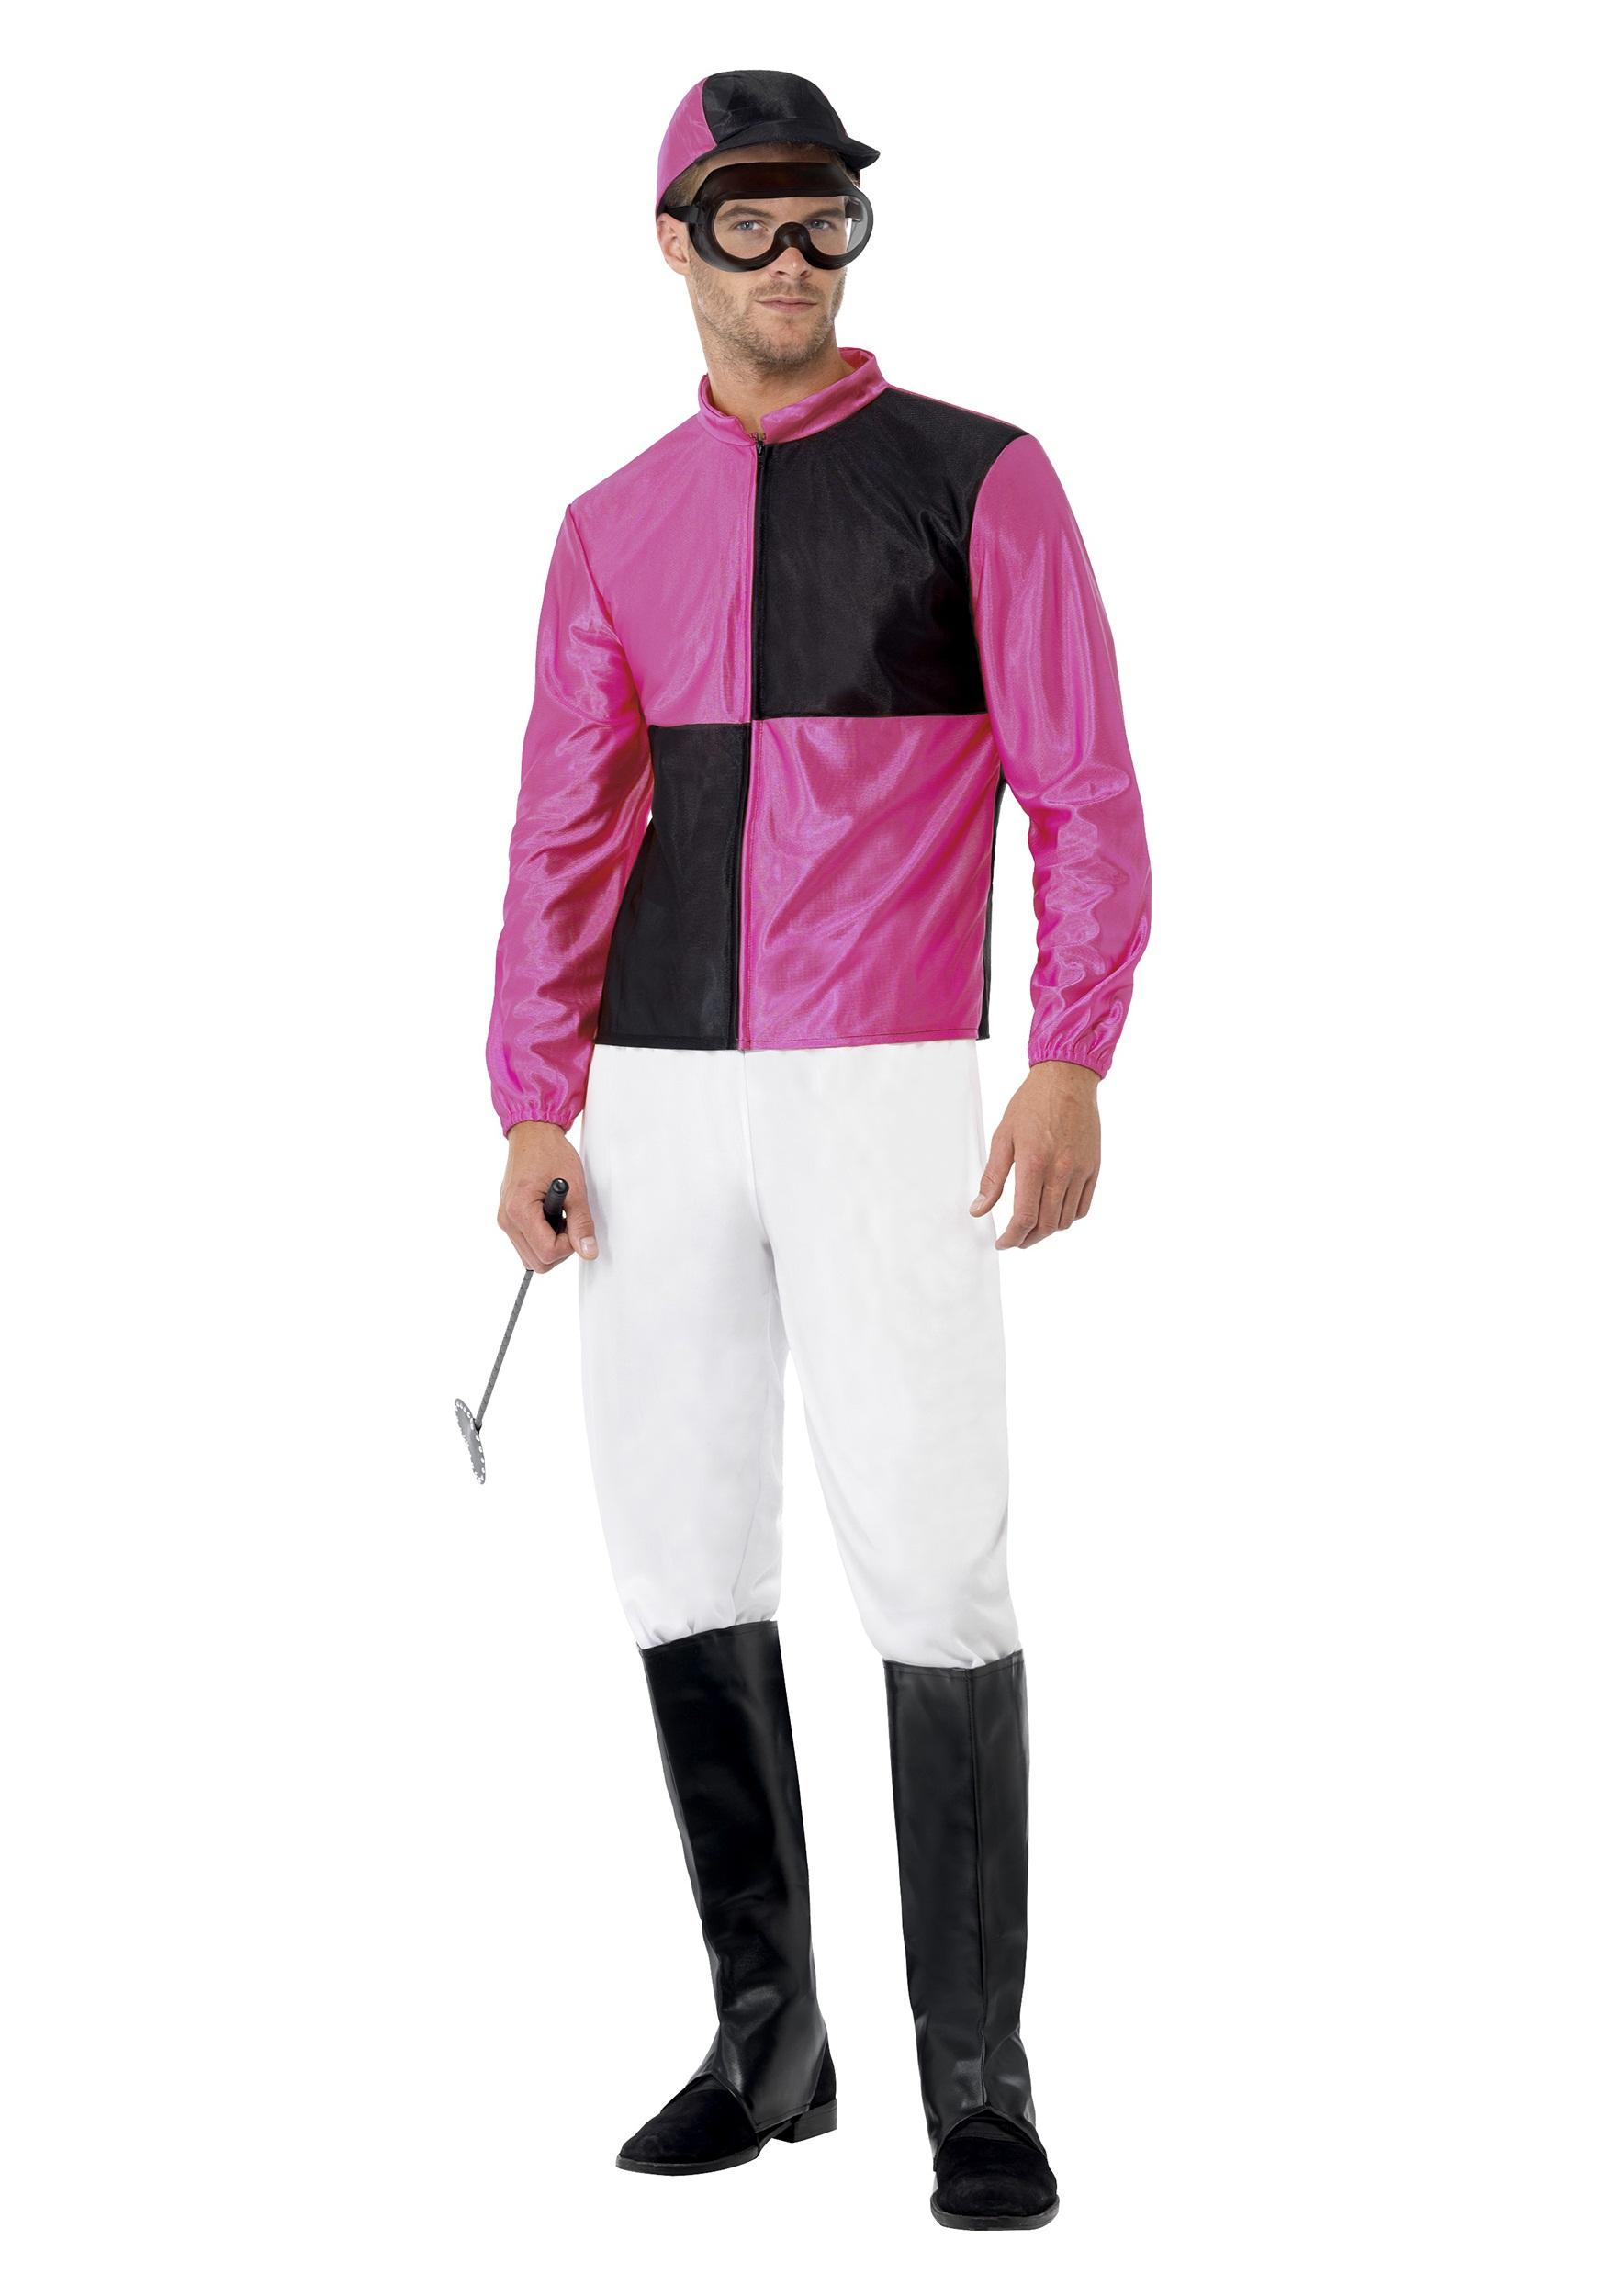 Jockey Costume For Men